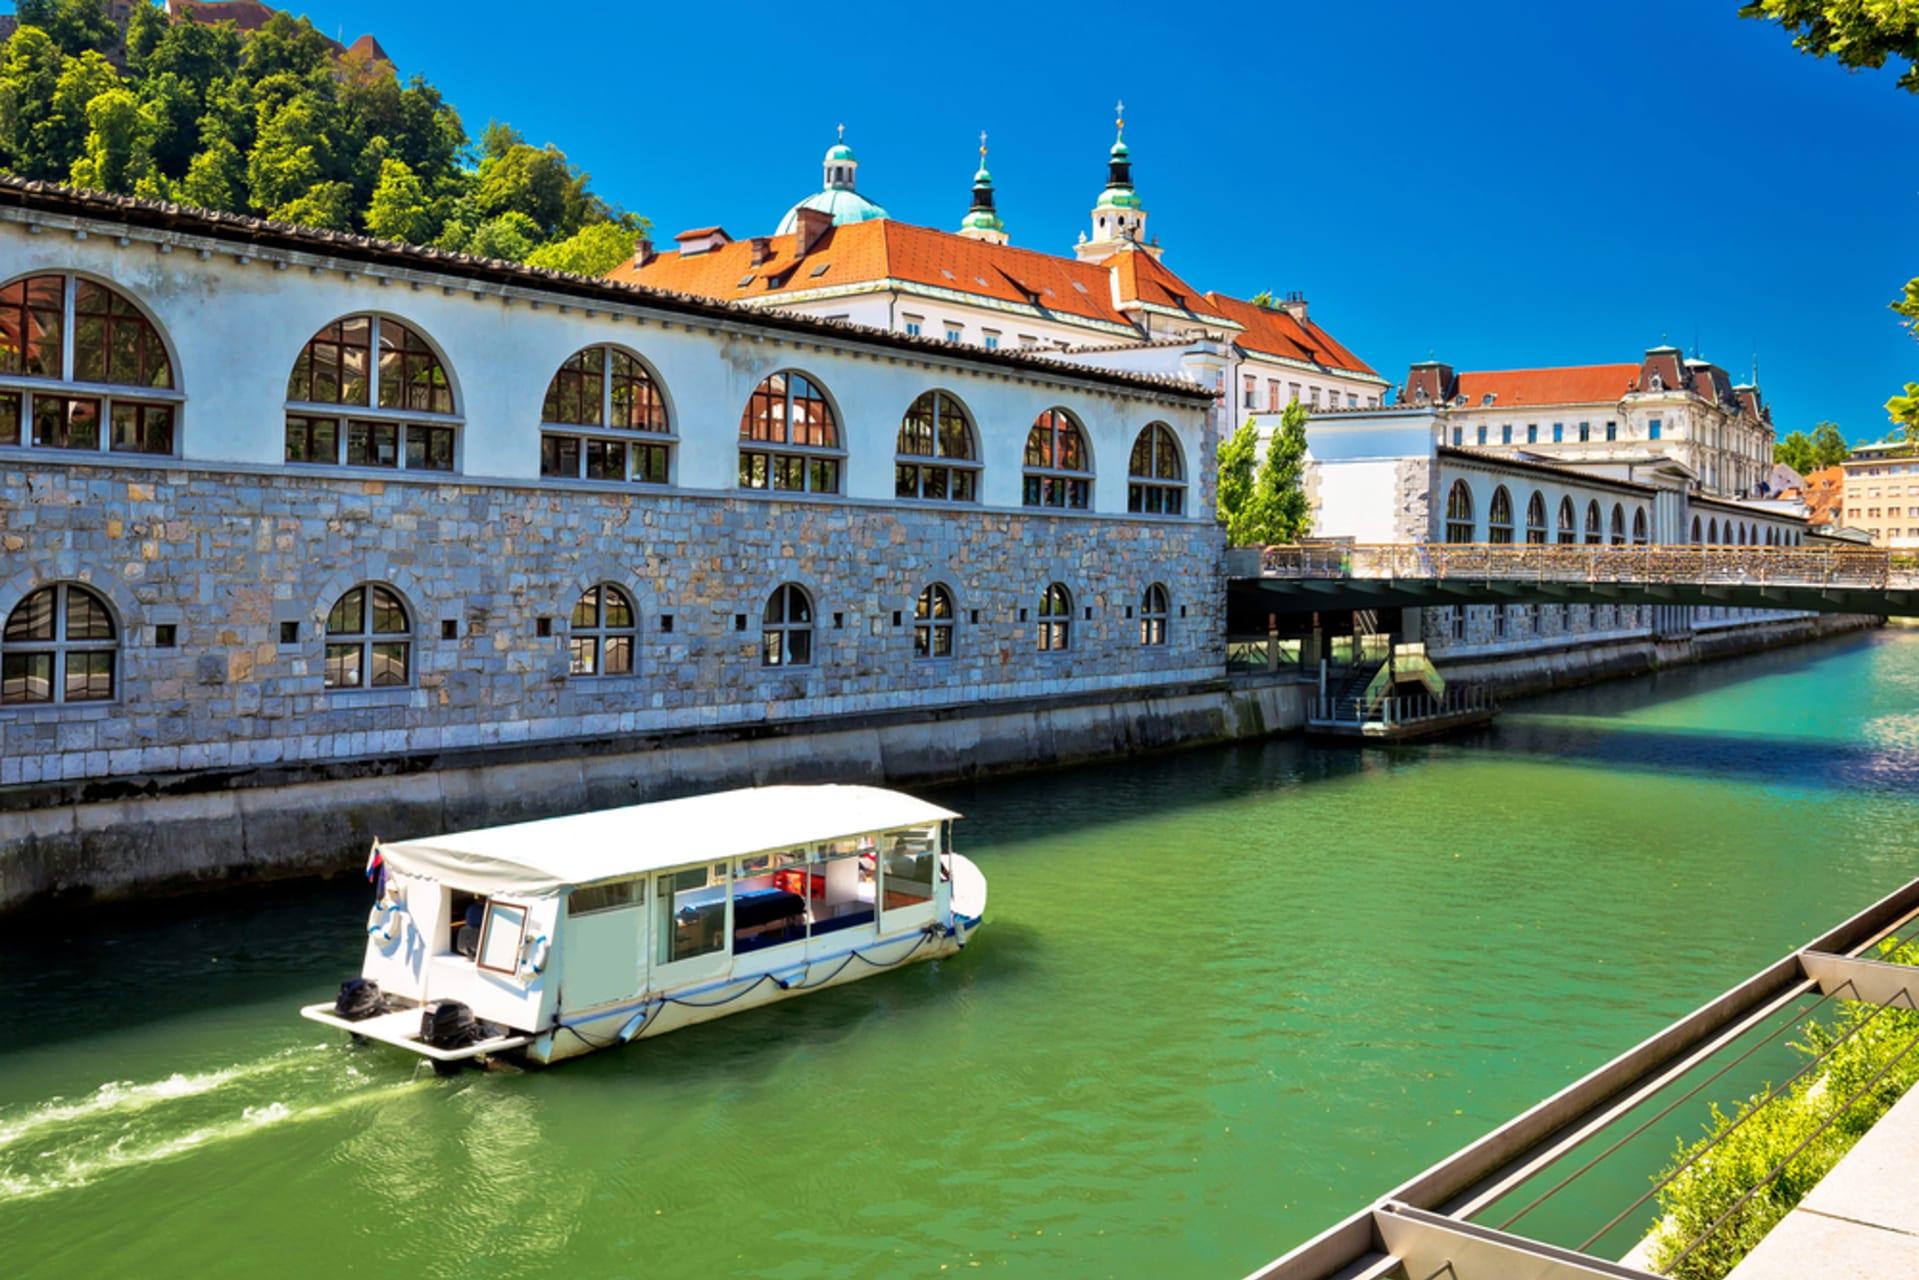 Ljubljana - Boat Tour in Ljubljana - Charming perspectives